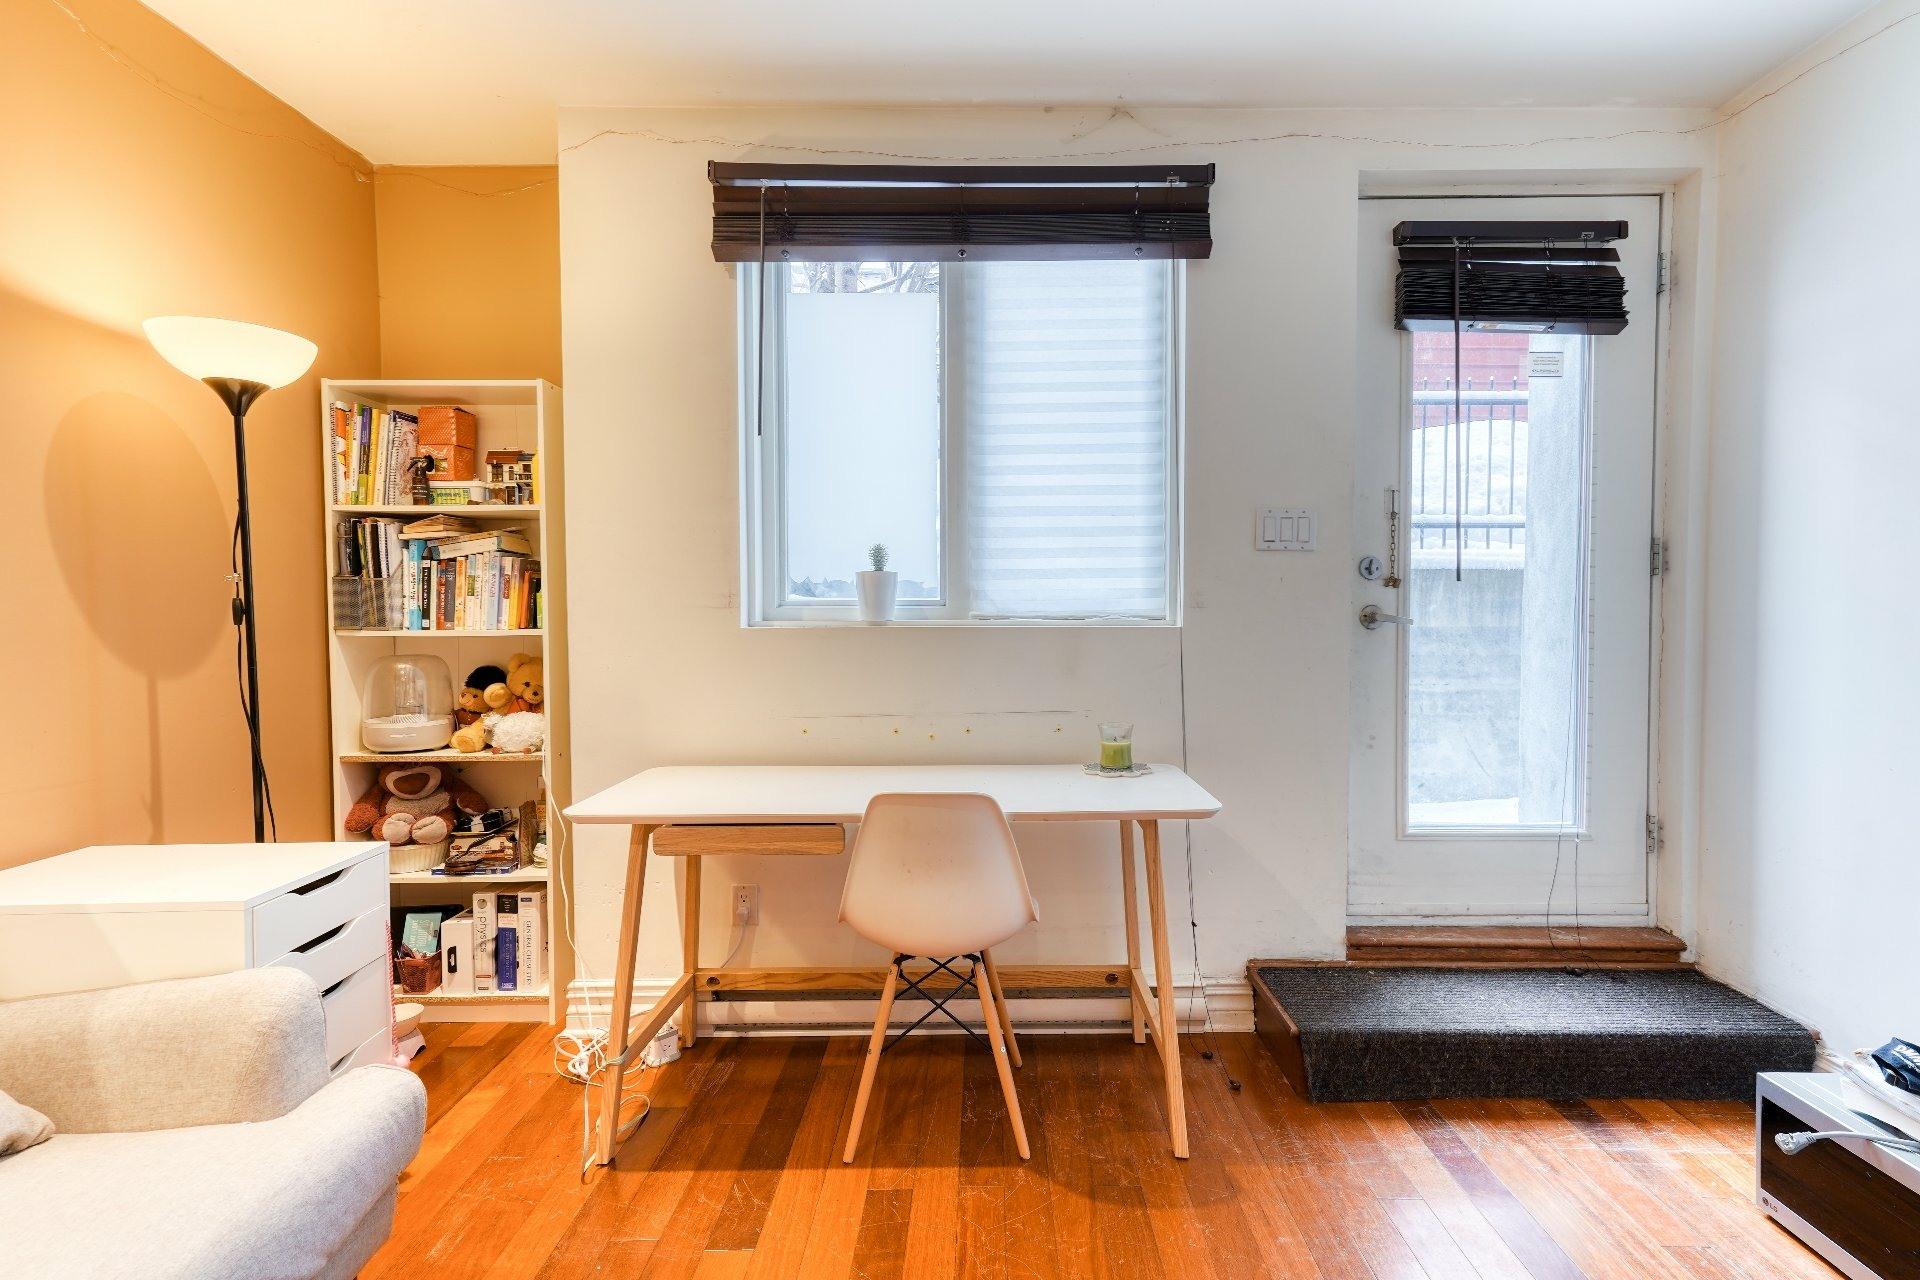 image 6 - Appartement À vendre Le Plateau-Mont-Royal Montréal  - 3 pièces